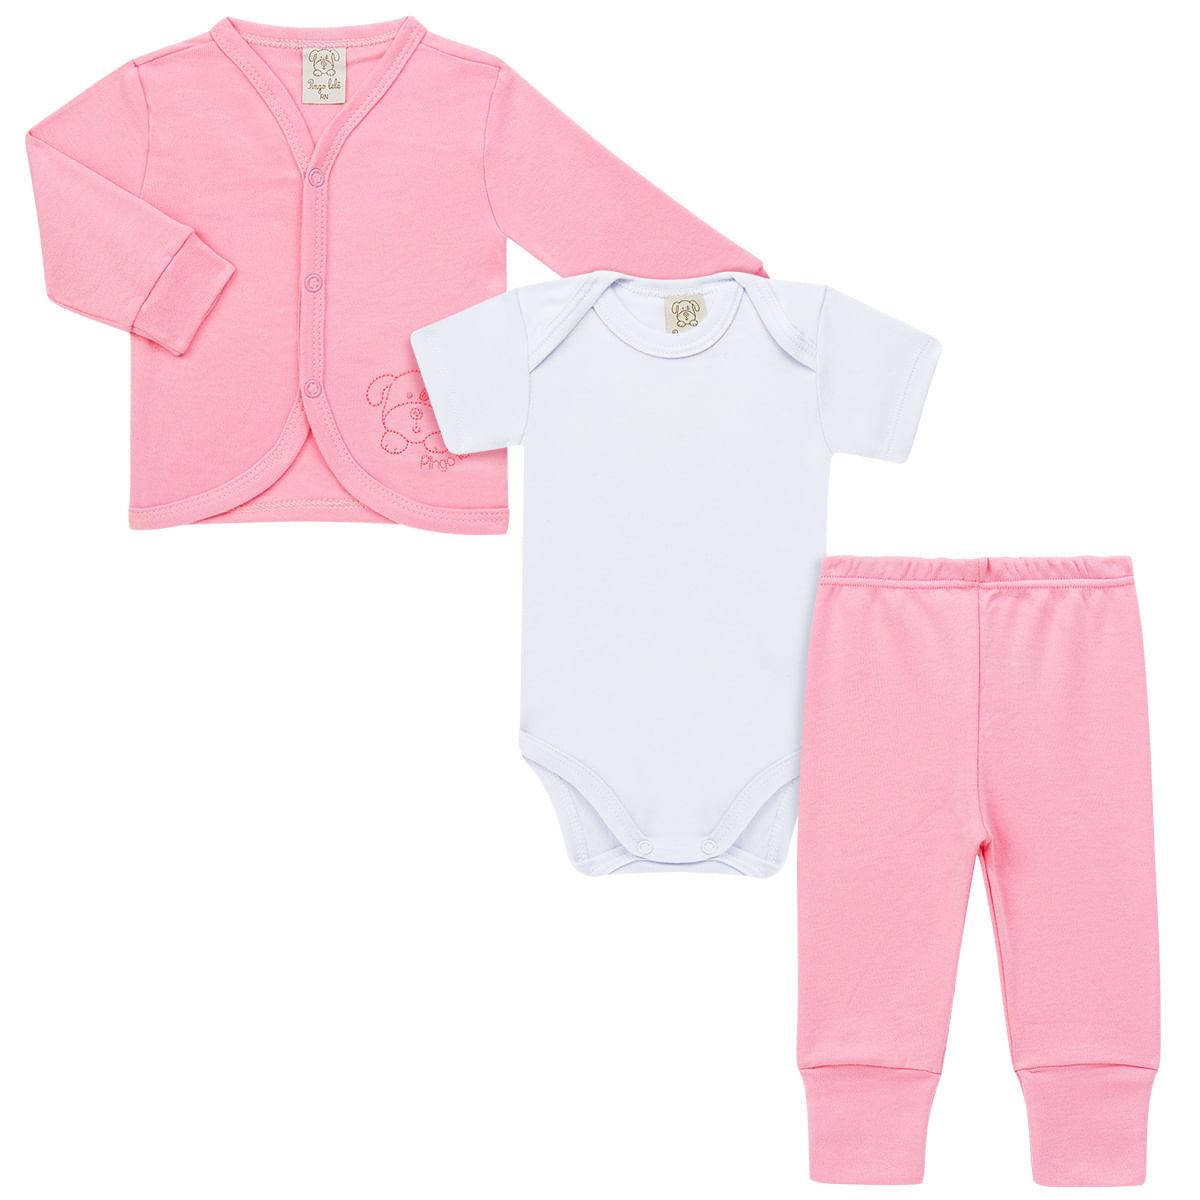 4512f3dbd4254 Conjunto Pagão para bebê Rosa   Casaquinho + Body curto + Calça - Pingo Lelê